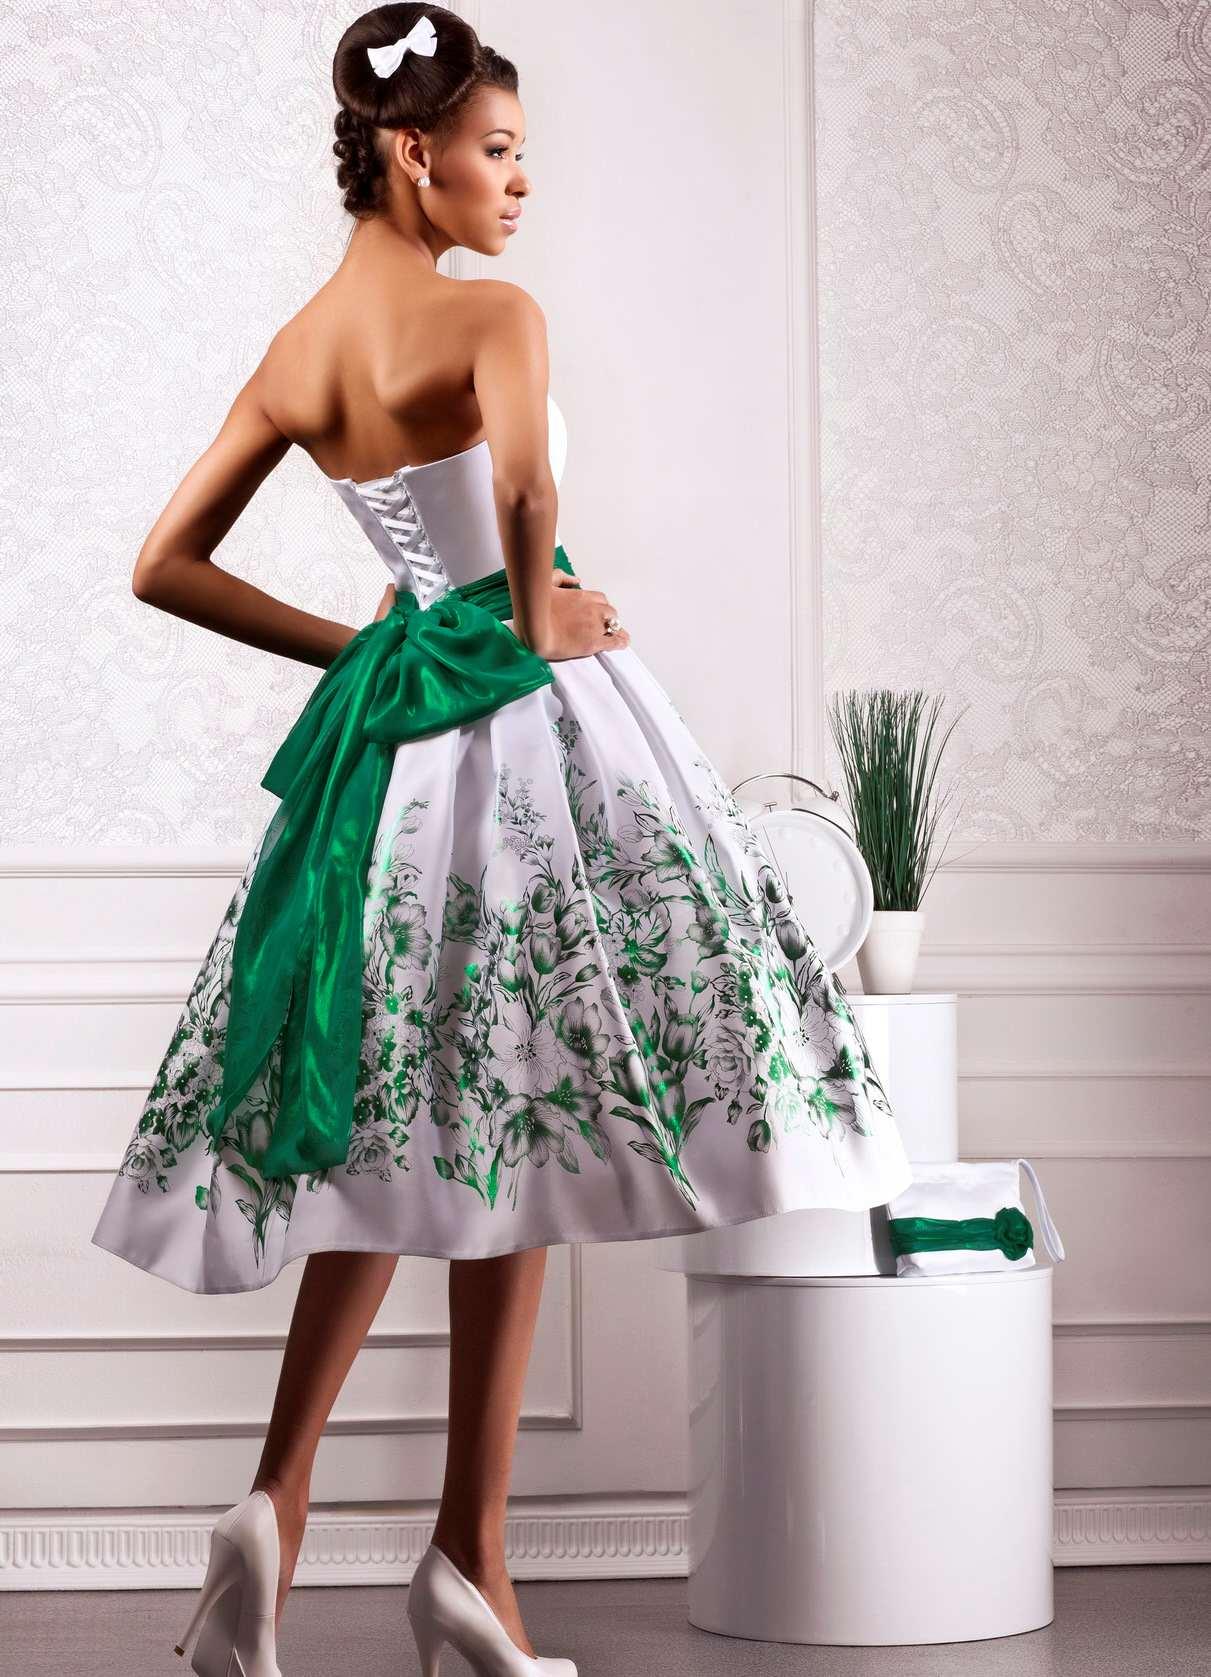 Девушки в прозрачных платьях и юбках